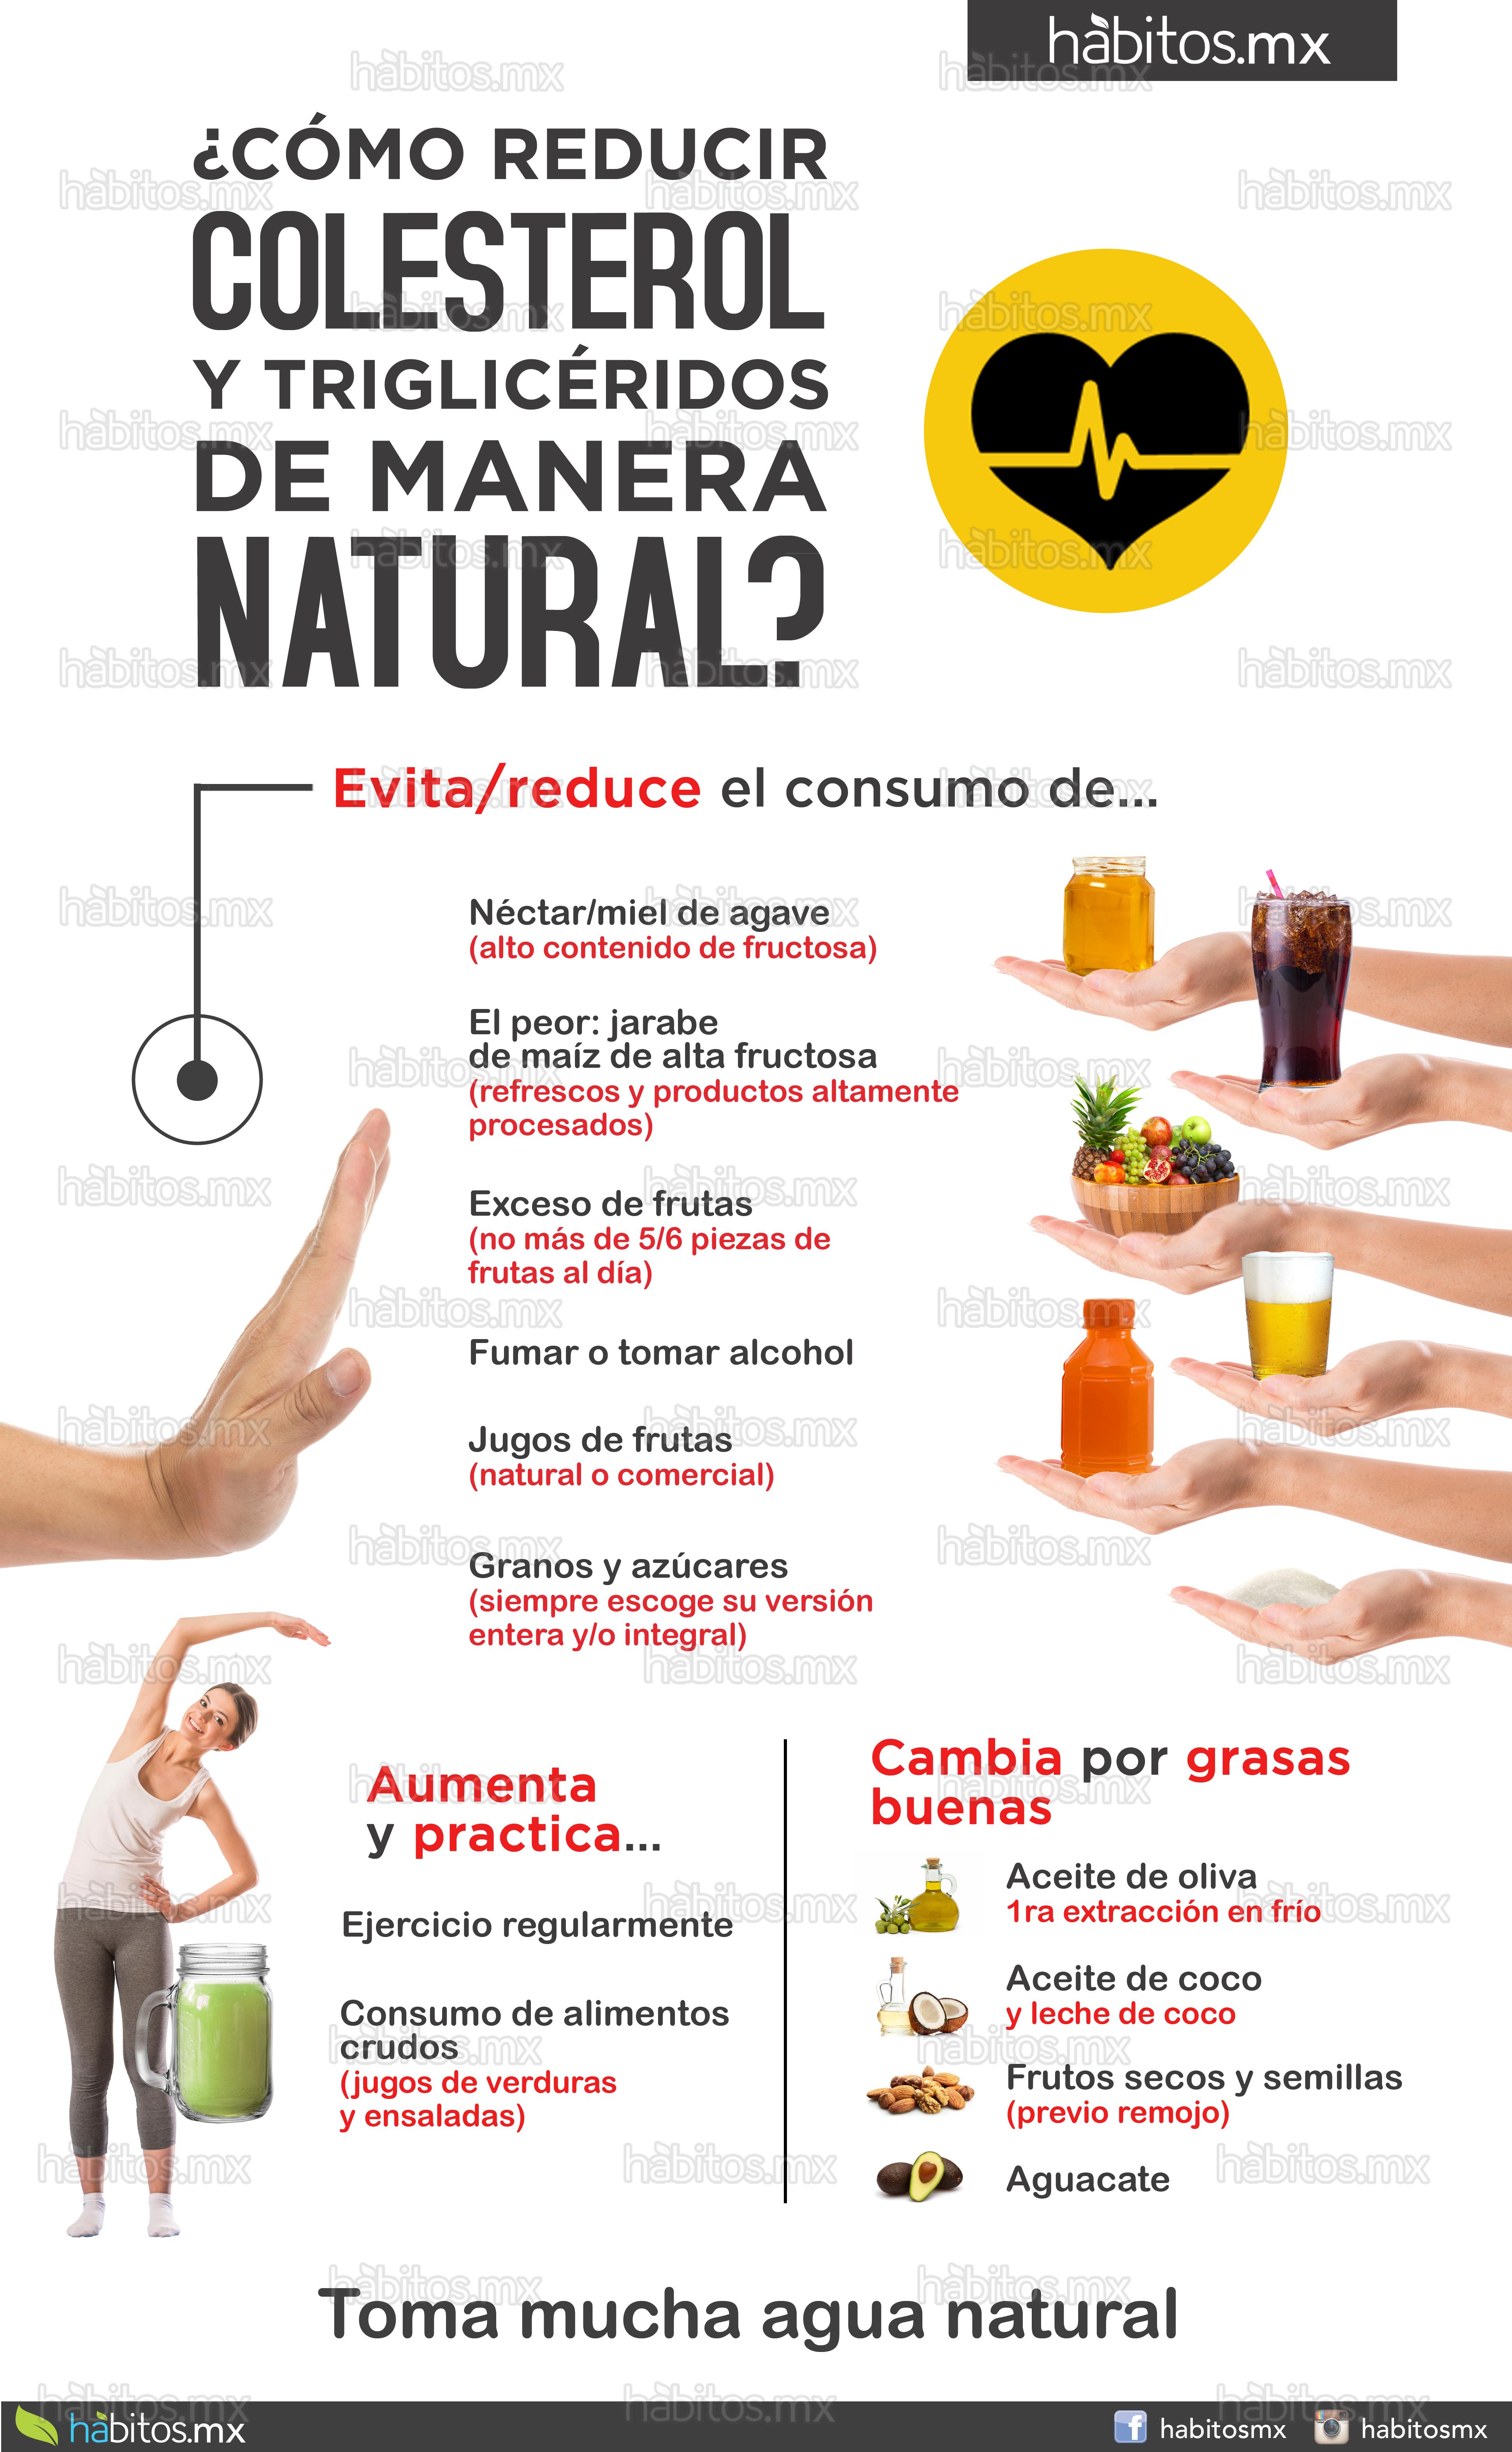 H bitos health coaching c mo reducir colesterol y triglic ridos de manera natural - Alimentos que bajen los trigliceridos ...